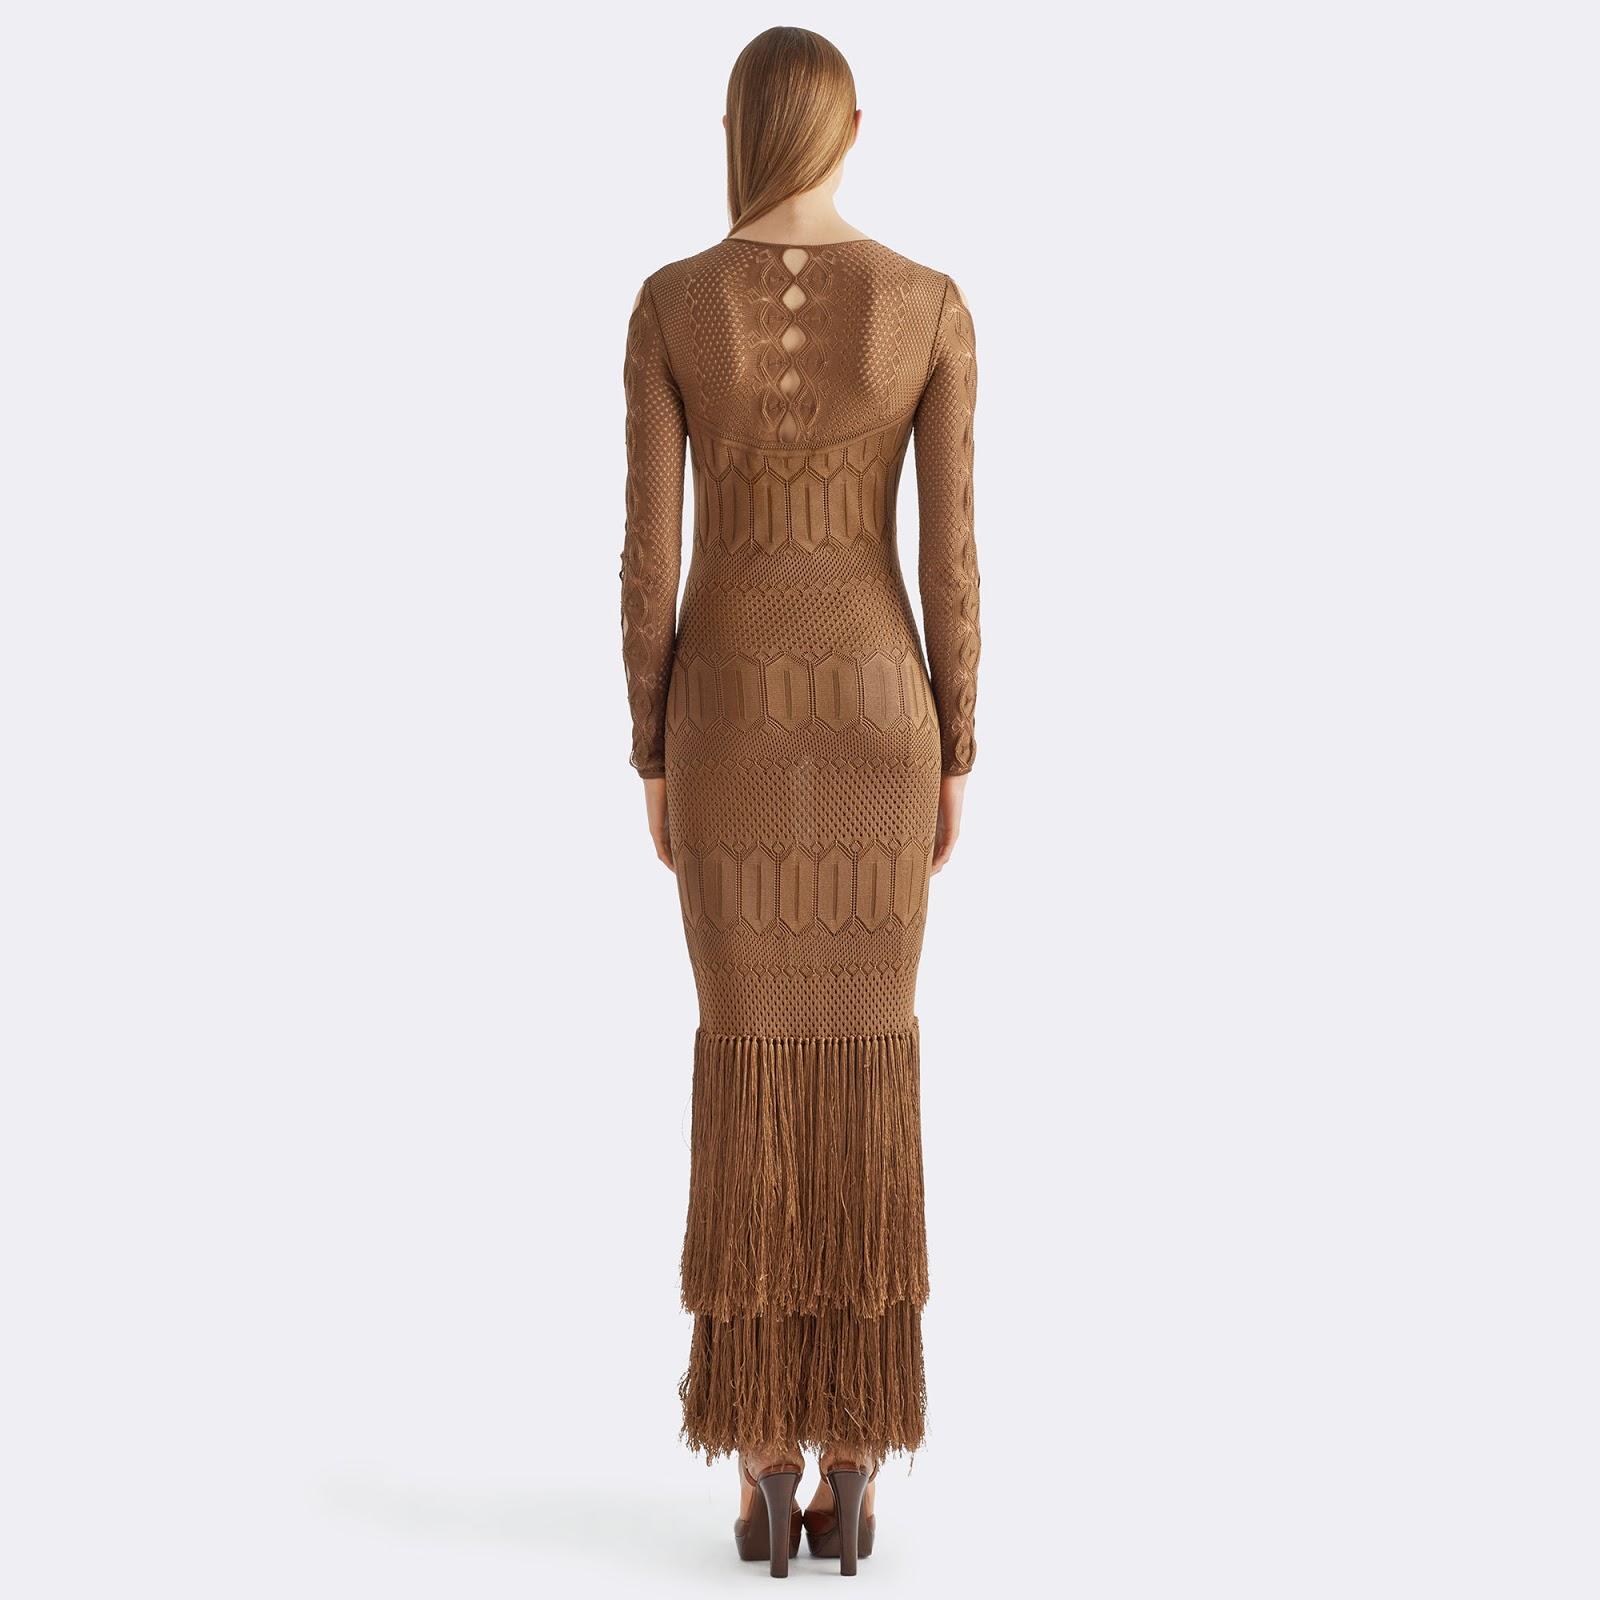 ce4dc28ce7d47 Kahverengi tonunda bir püsküllü elbise geliyor. Eteklerine 2 kat püskül  dikilmiş ipek astarlı, dar kesim bir model bu, triko kumaştan yapılmış  herhalde.